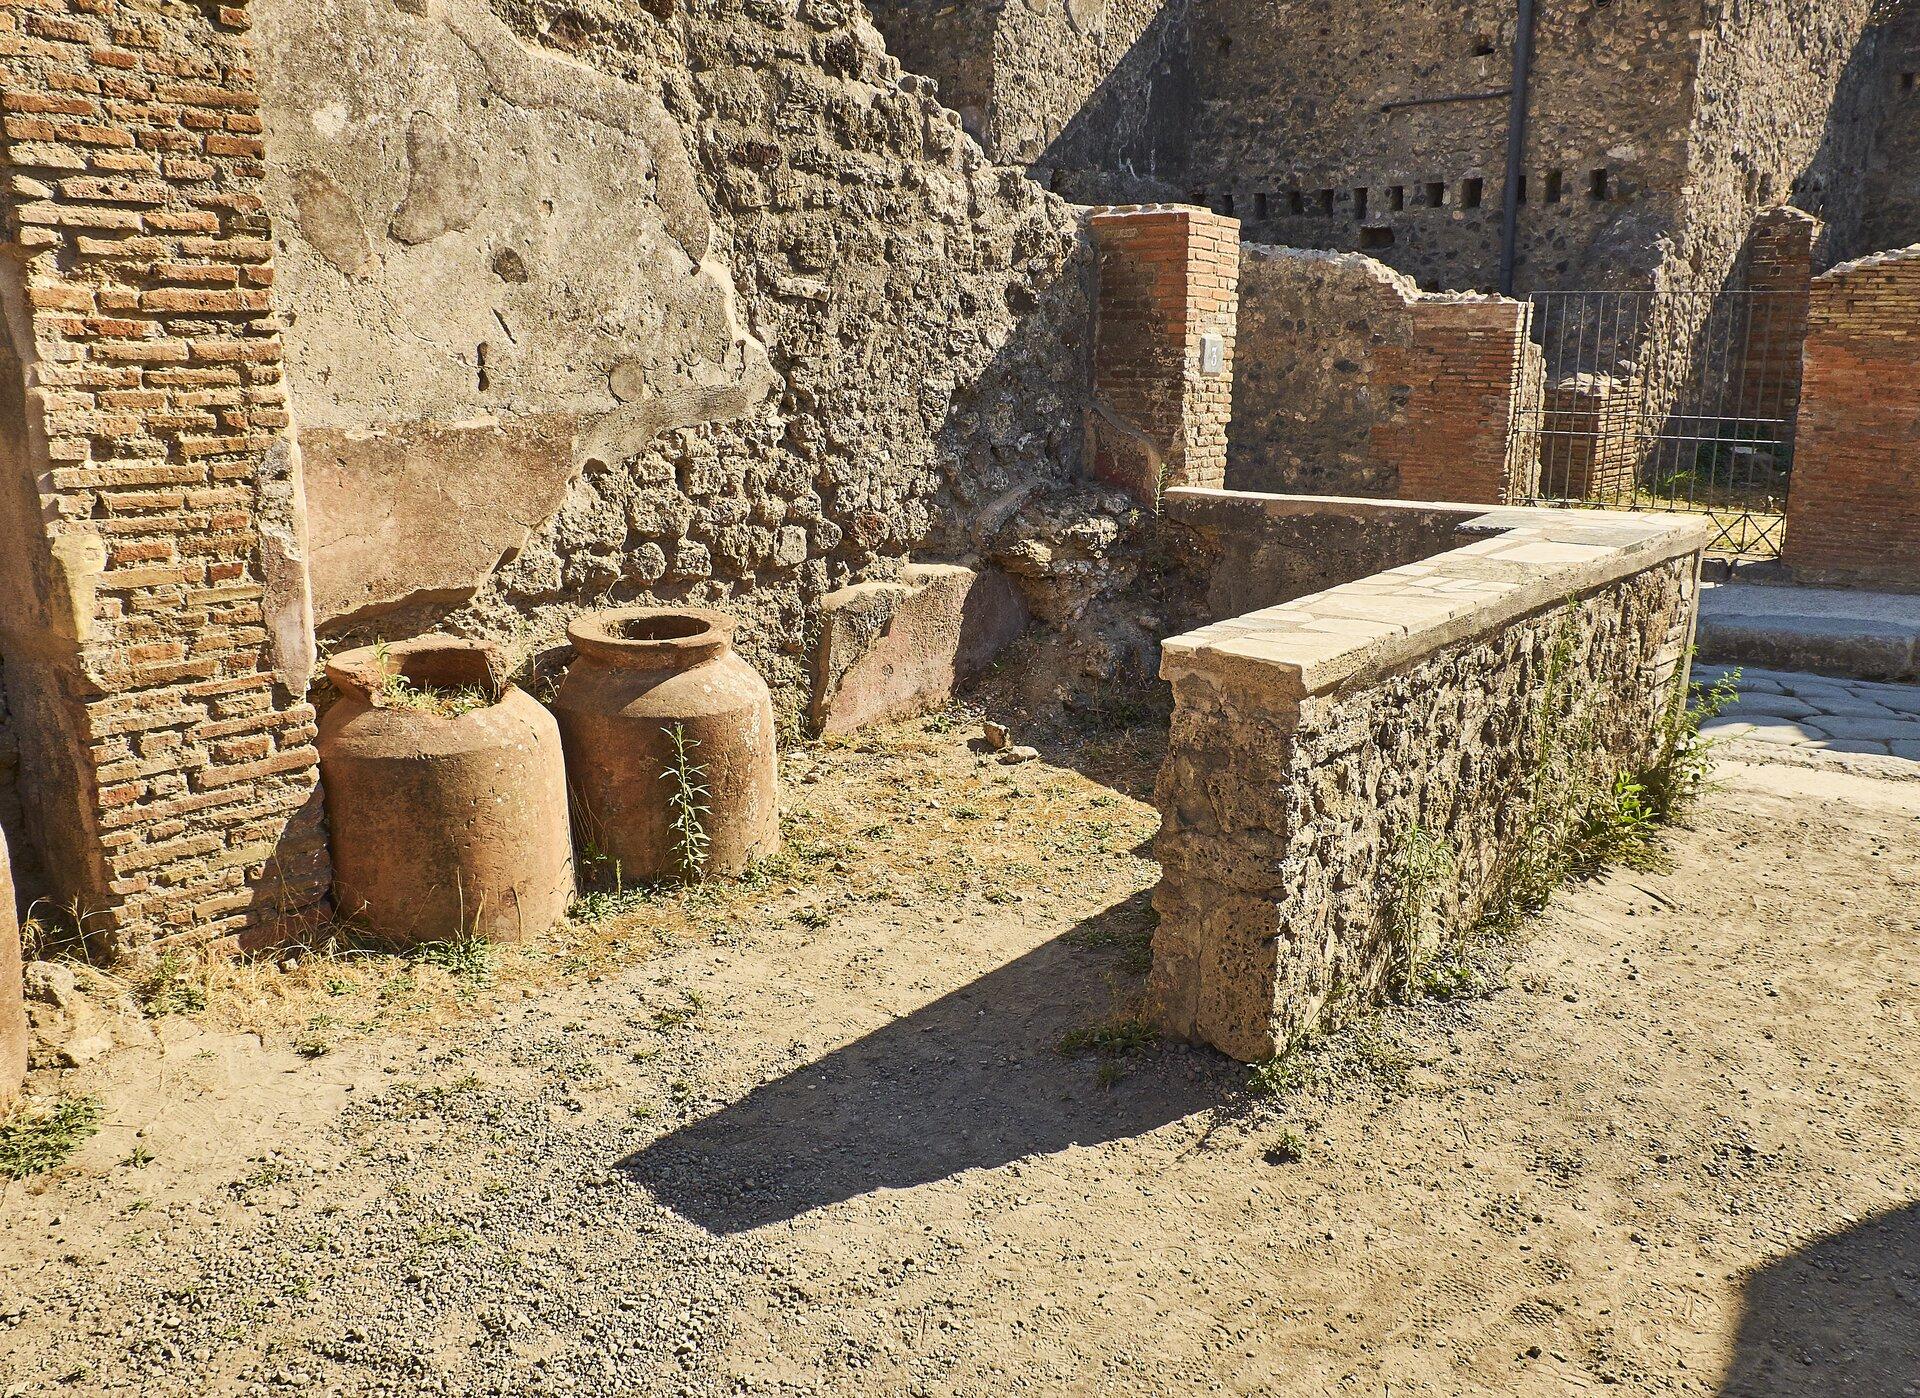 Kolorowa ilustracja przedstawia aktualny stan zabudowań Pompejów. Na fotografii ukazano fragmenty domów iulic miasta. Na pierwszym planie widoczne jest wnętrze pomieszczenia gospodarczego; pod ścianą stoją dwa wysokie dzbany tzw. pitosy. Podłoże wyłożone jest żwirem iporośnięte trawą.